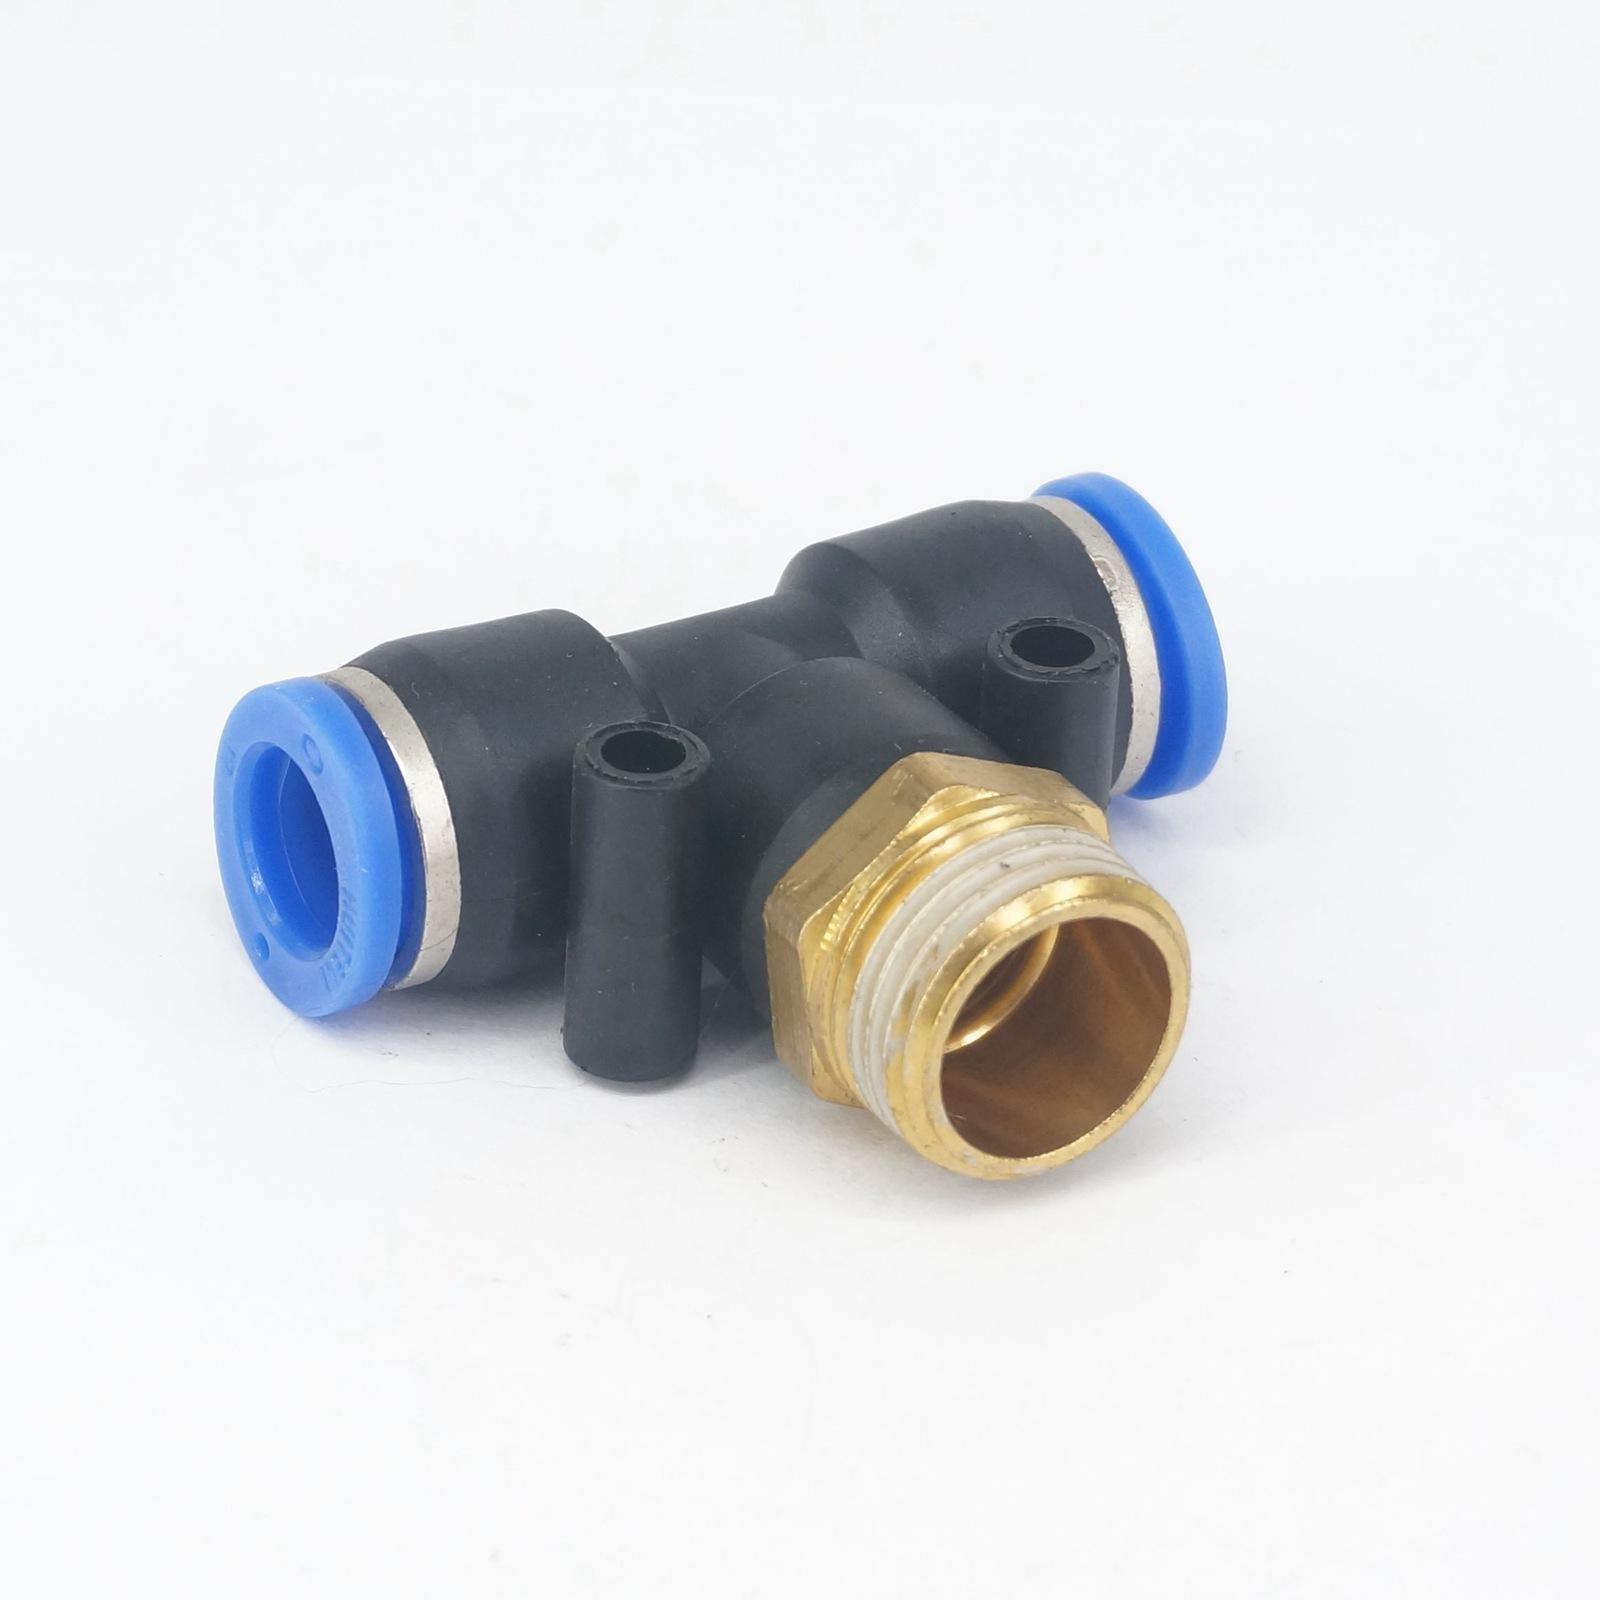 Rohrverbindungsstücke Trendmarkierung 1/2 bsp Männlich Fit 12mm Od Pu Rohr Pneumatische T 3 Möglichkeit Push In Quick Release Air Fitting 0,8 Mpa Hohe QualitäT Und Preiswert